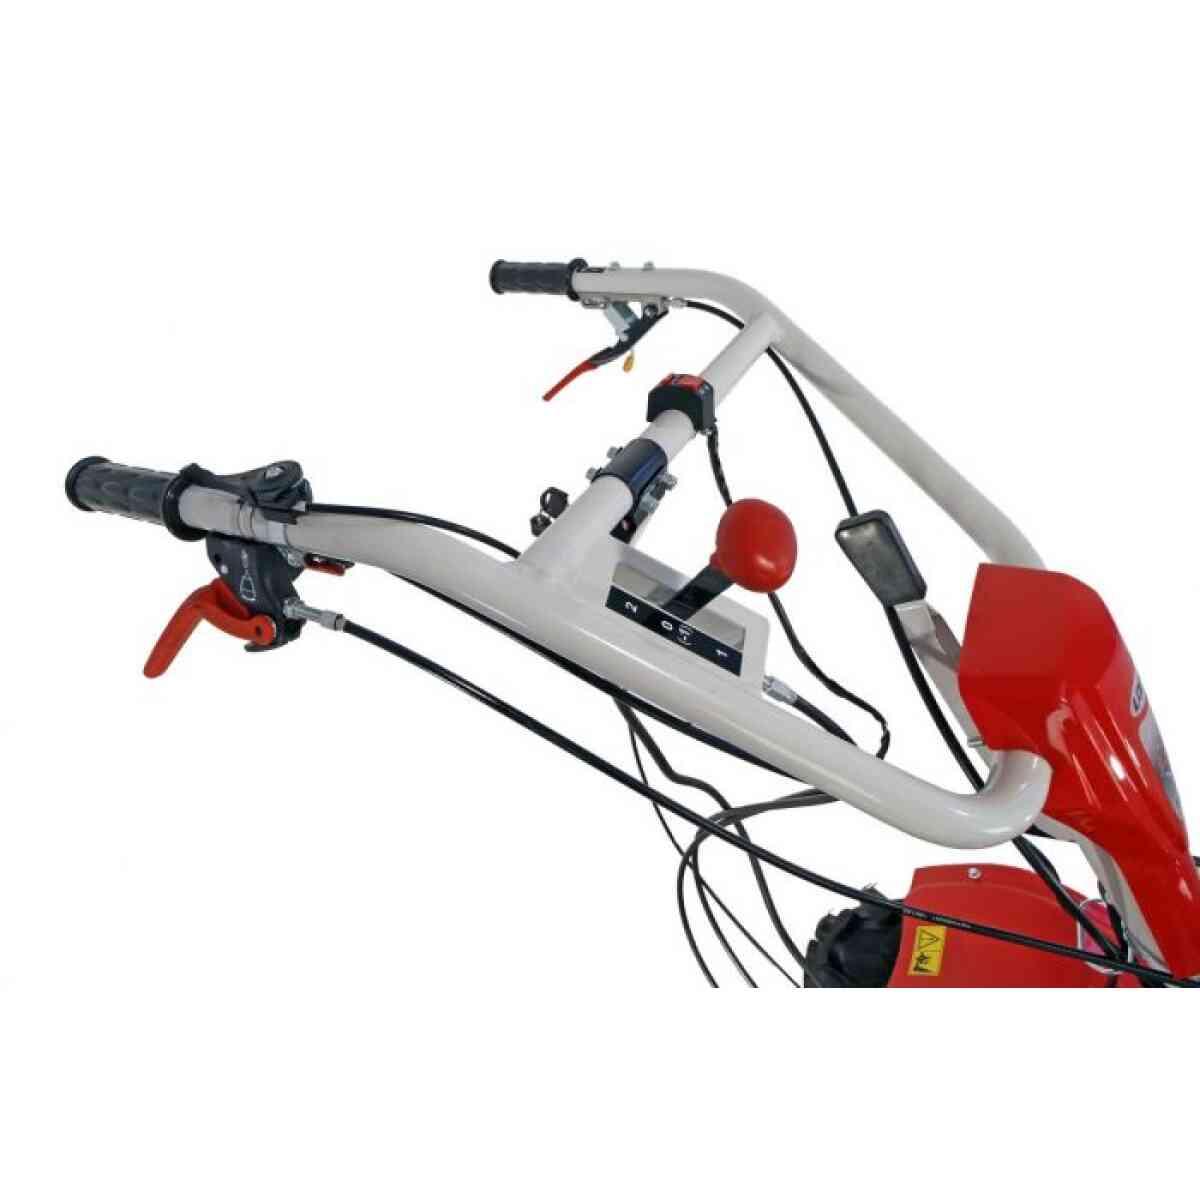 motocultor loncin lc1440 o mac.ro 4 1 1 2